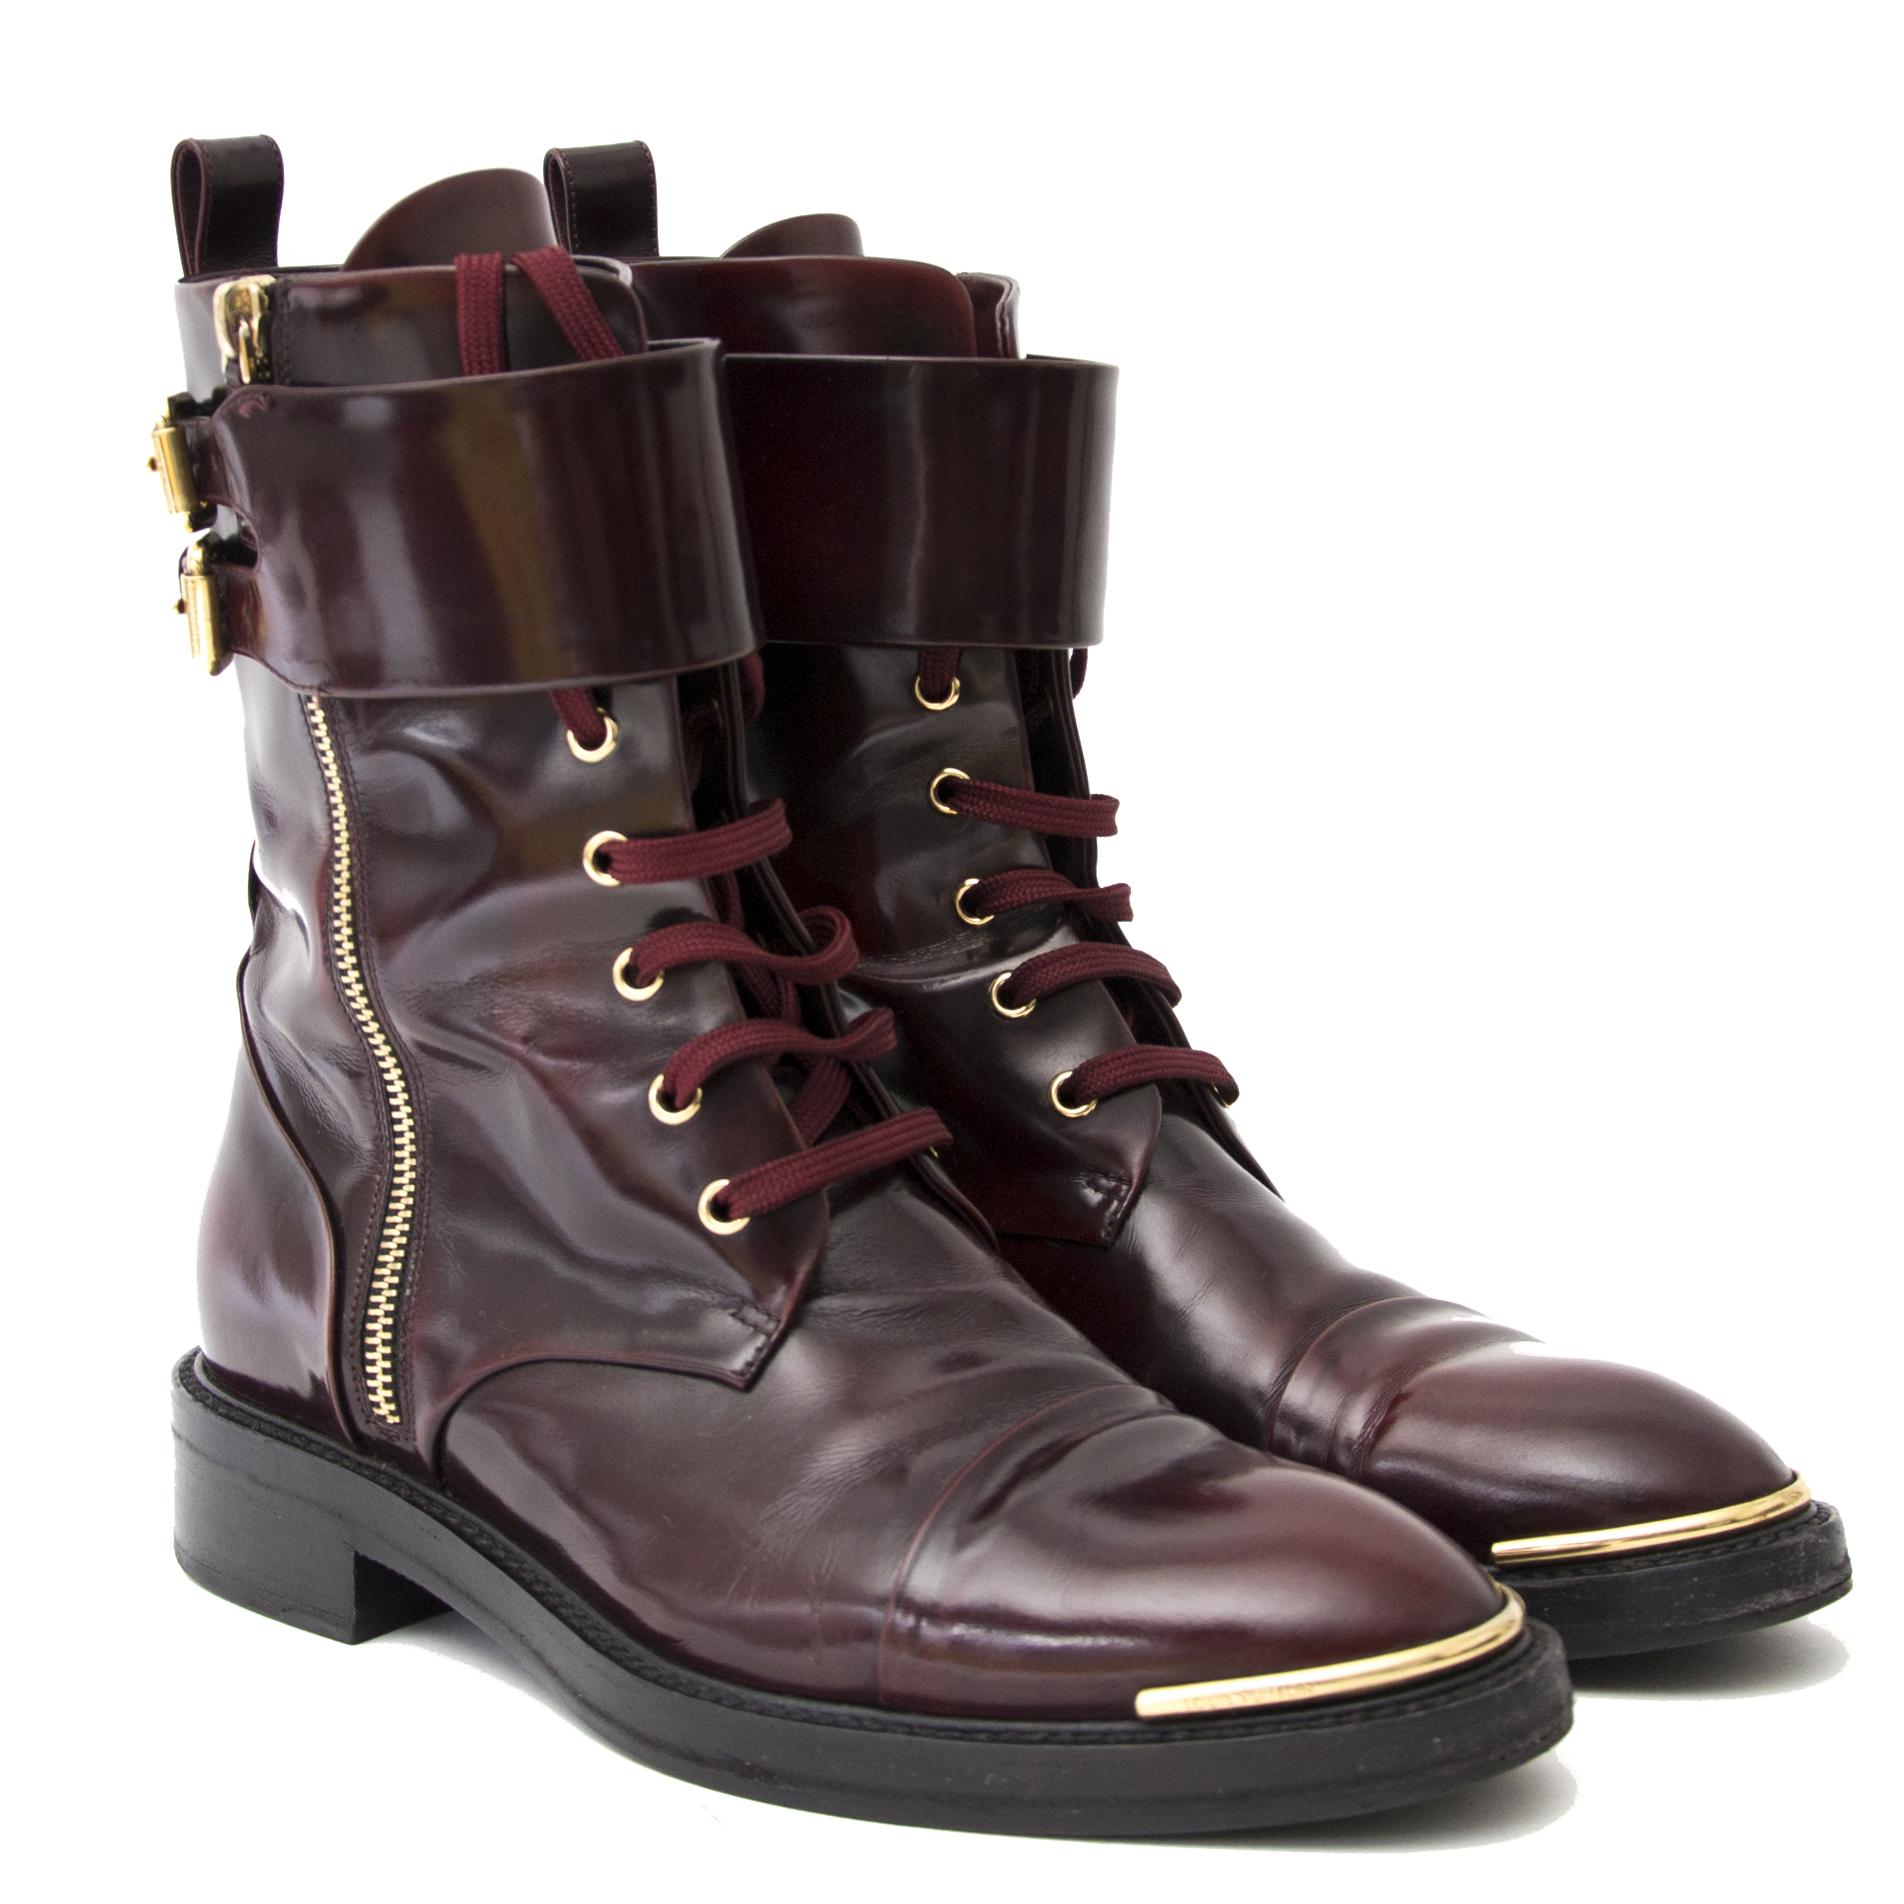 acheter en ligne pour le meilleur prix Louis Vuitton Bordeaux Calf Leather Diplomacy Ranger Boots - Size 38,5